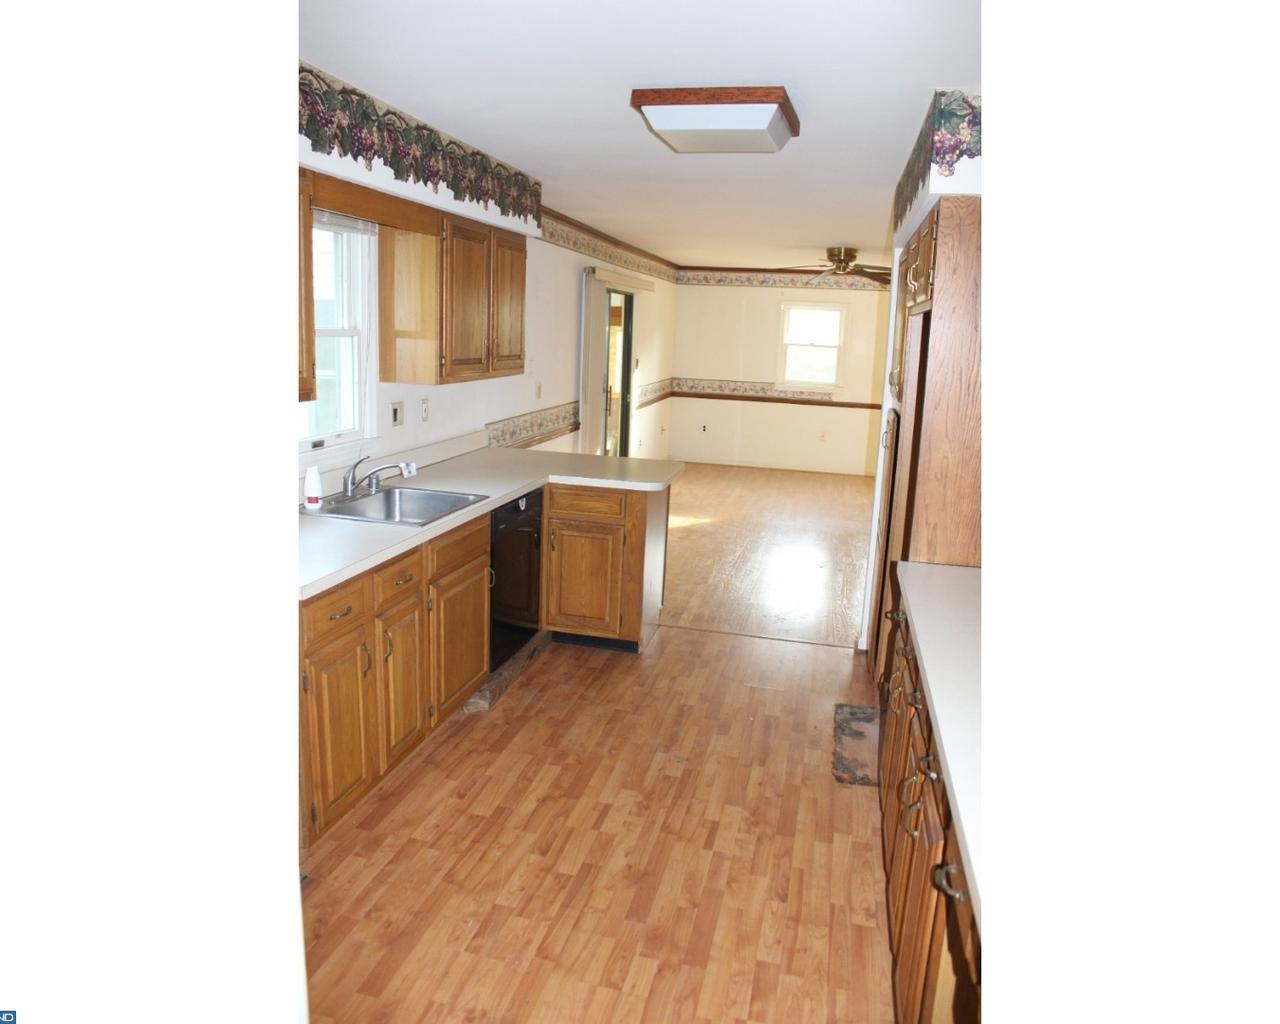 hardwood floors wilmington de of 302 old mill ln wilmington de 19803 wilmington real estate intended for close